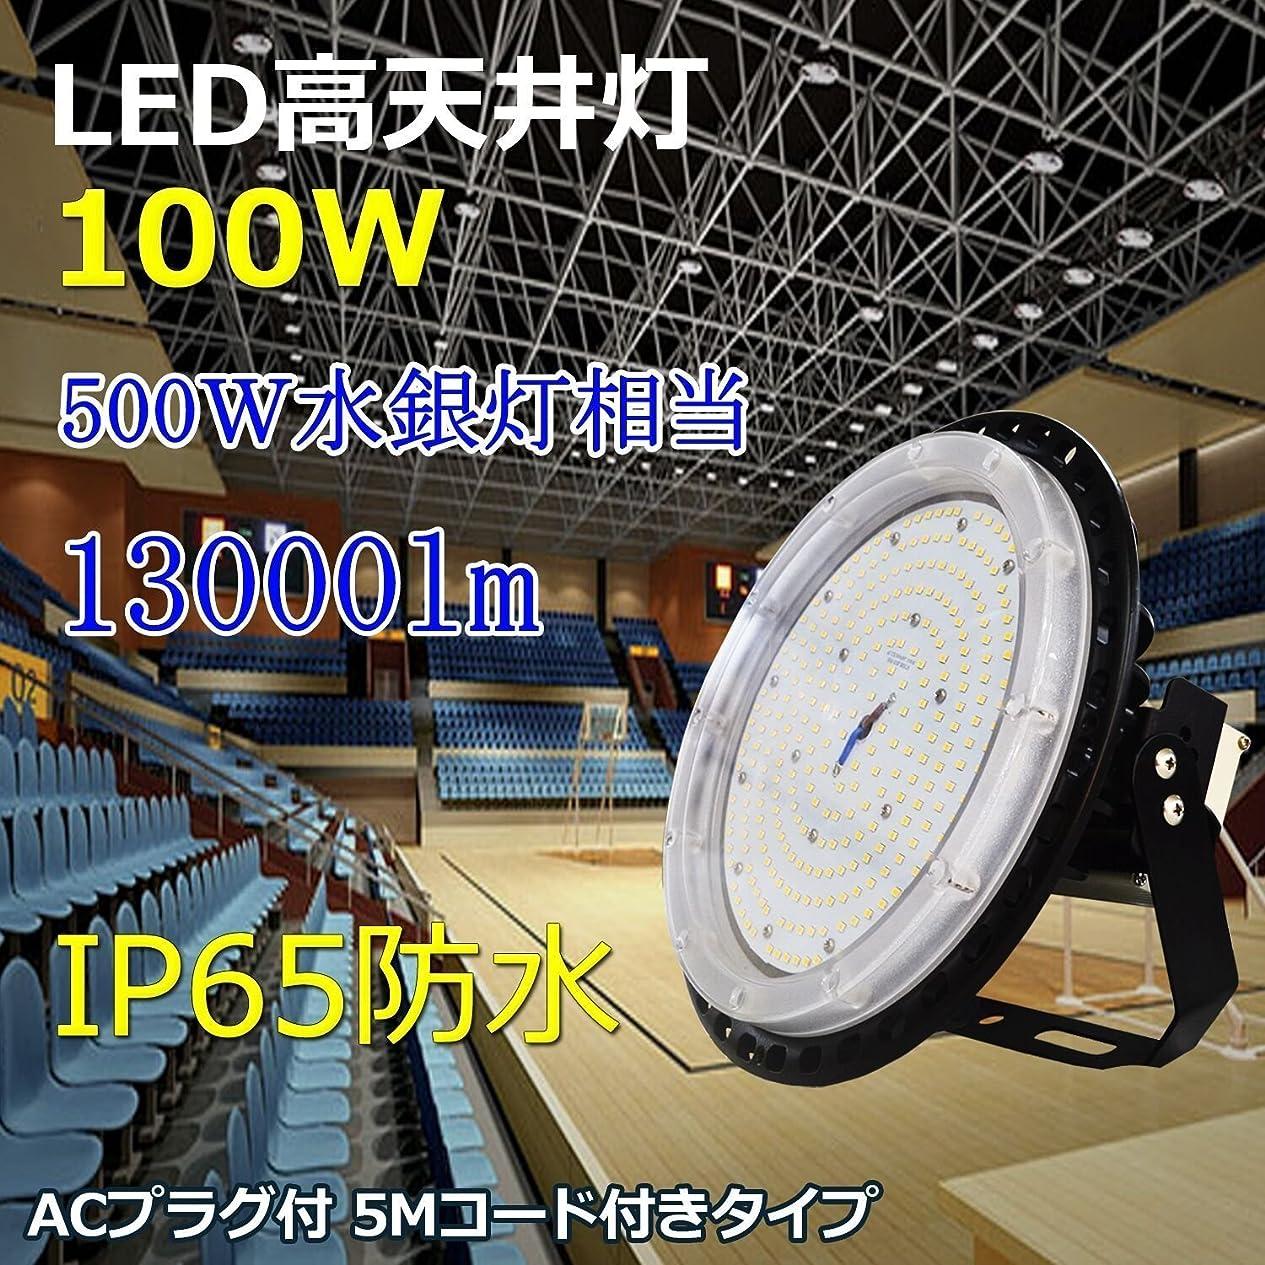 叱るまさに拍手するLED高天井灯 IP65防水 (500W水銀灯相当) 高天井用LED 100W 500W相当 LED 投光器 LED水銀灯 防塵 昼光色 6000k 水銀灯 水銀ランプ代替 倉庫 工場 看板 作業灯 天井照明 電源内蔵 AC100V/200V 高性能「 ノイズなし、電磁波障害なし、フリッカなし」 100W-HB-ACプラグ付 5M配線-LED 防雨型 作業灯 LEDライト